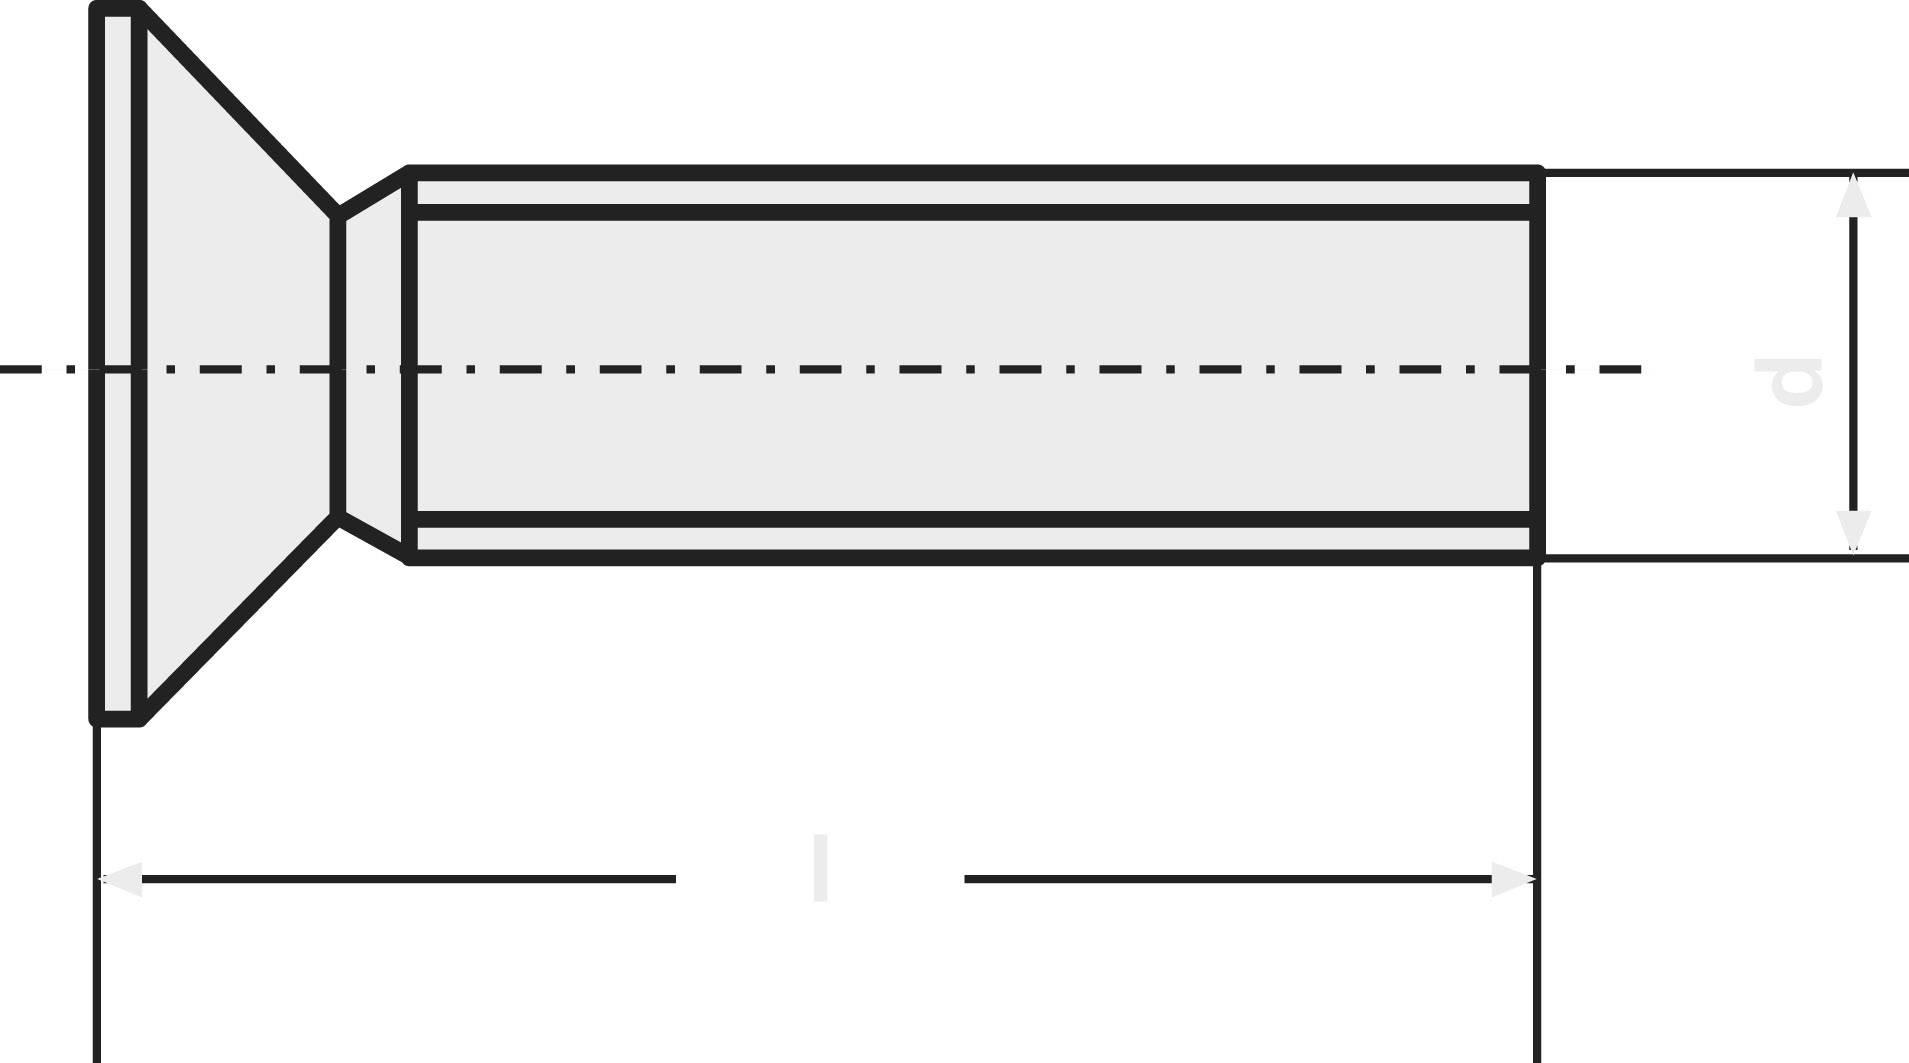 Zápustné skrutky TOOLCRAFT 194636, DIN 965, M3, 16 mm, oceľ, 100 ks